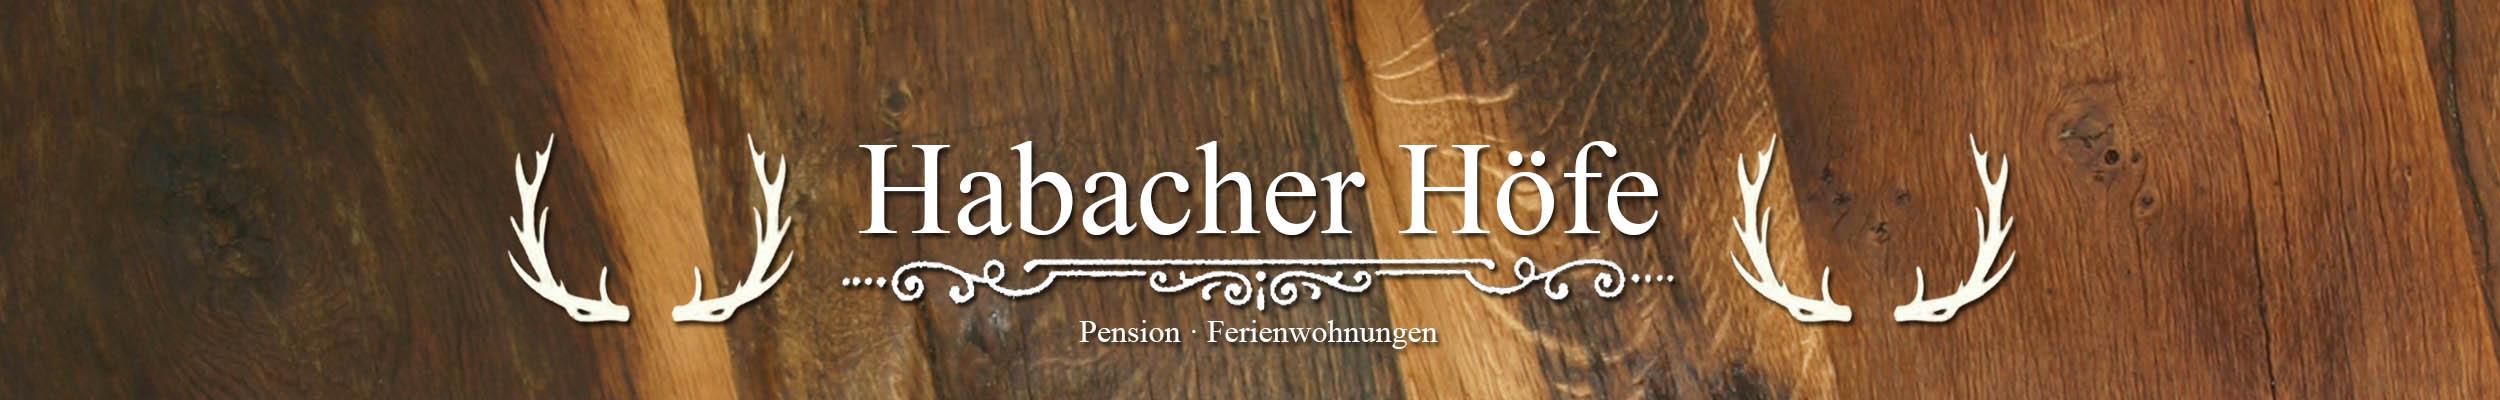 Habacher Höfe - Pension und Ferienwohnungen